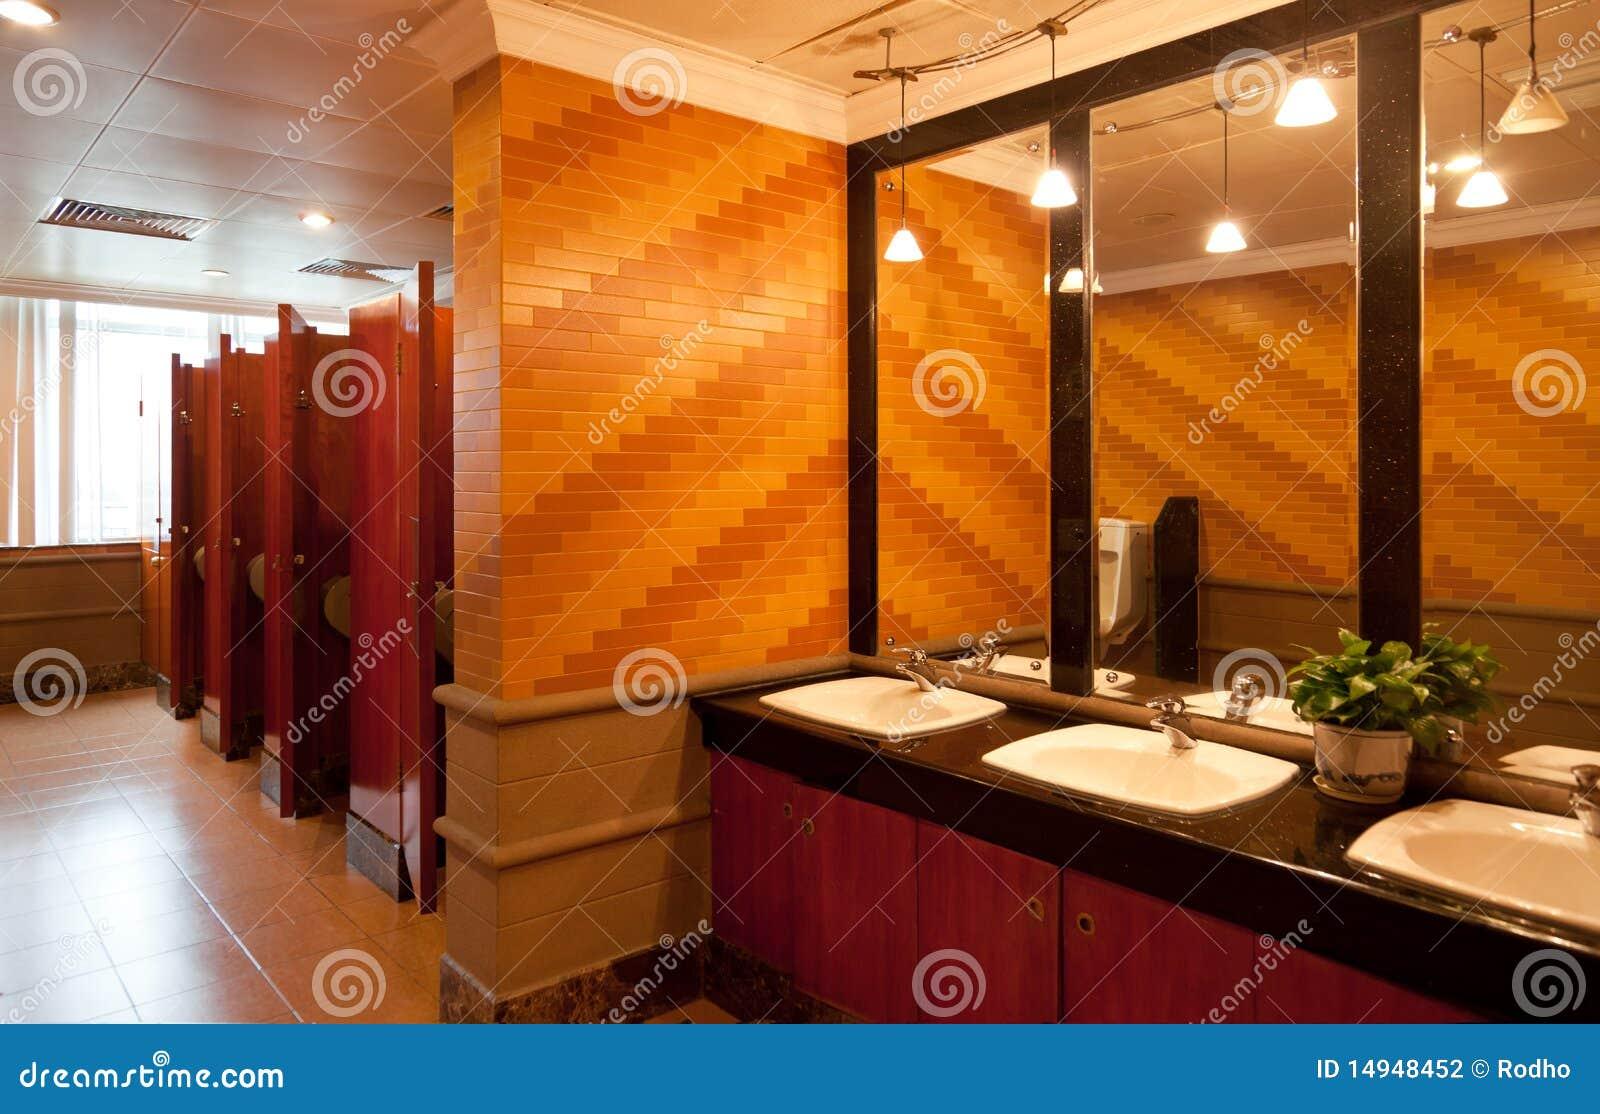 Binnenland van een luxe openbaar toilet stock foto afbeelding